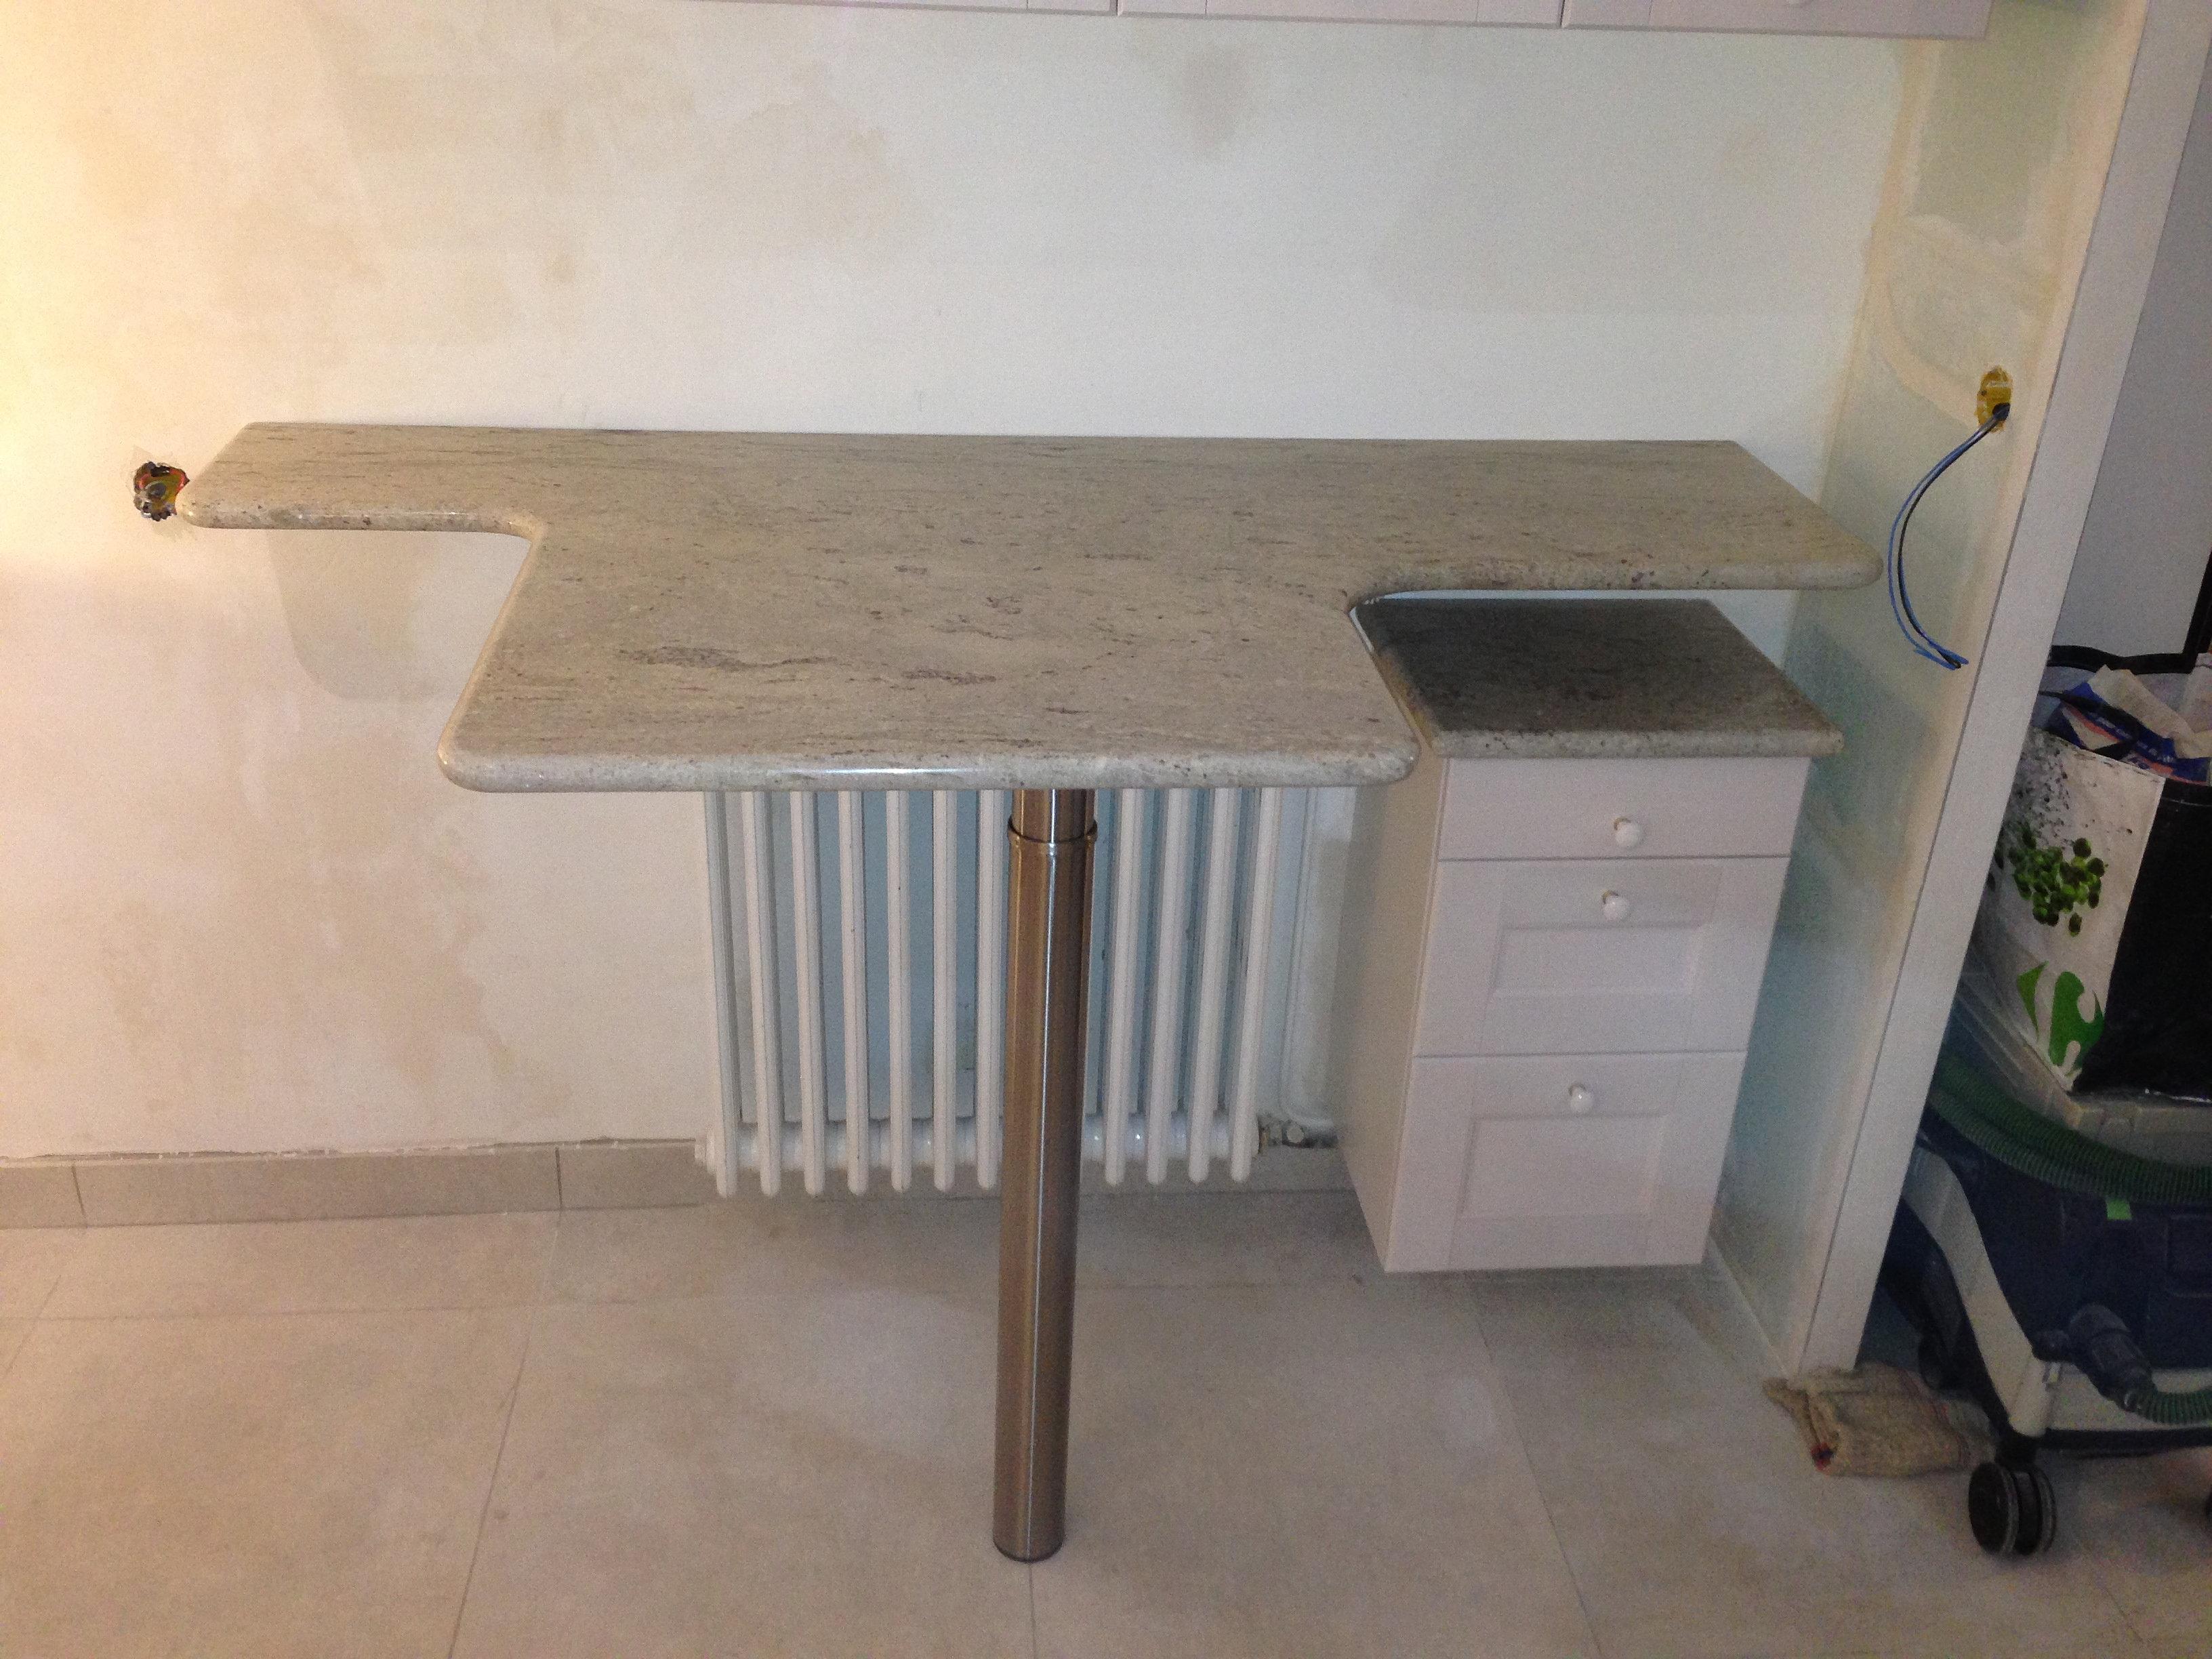 Devis plan de travail com paris granit quartz marbre plan de travail cuisine granit for Plan de travail en pierre naturelle